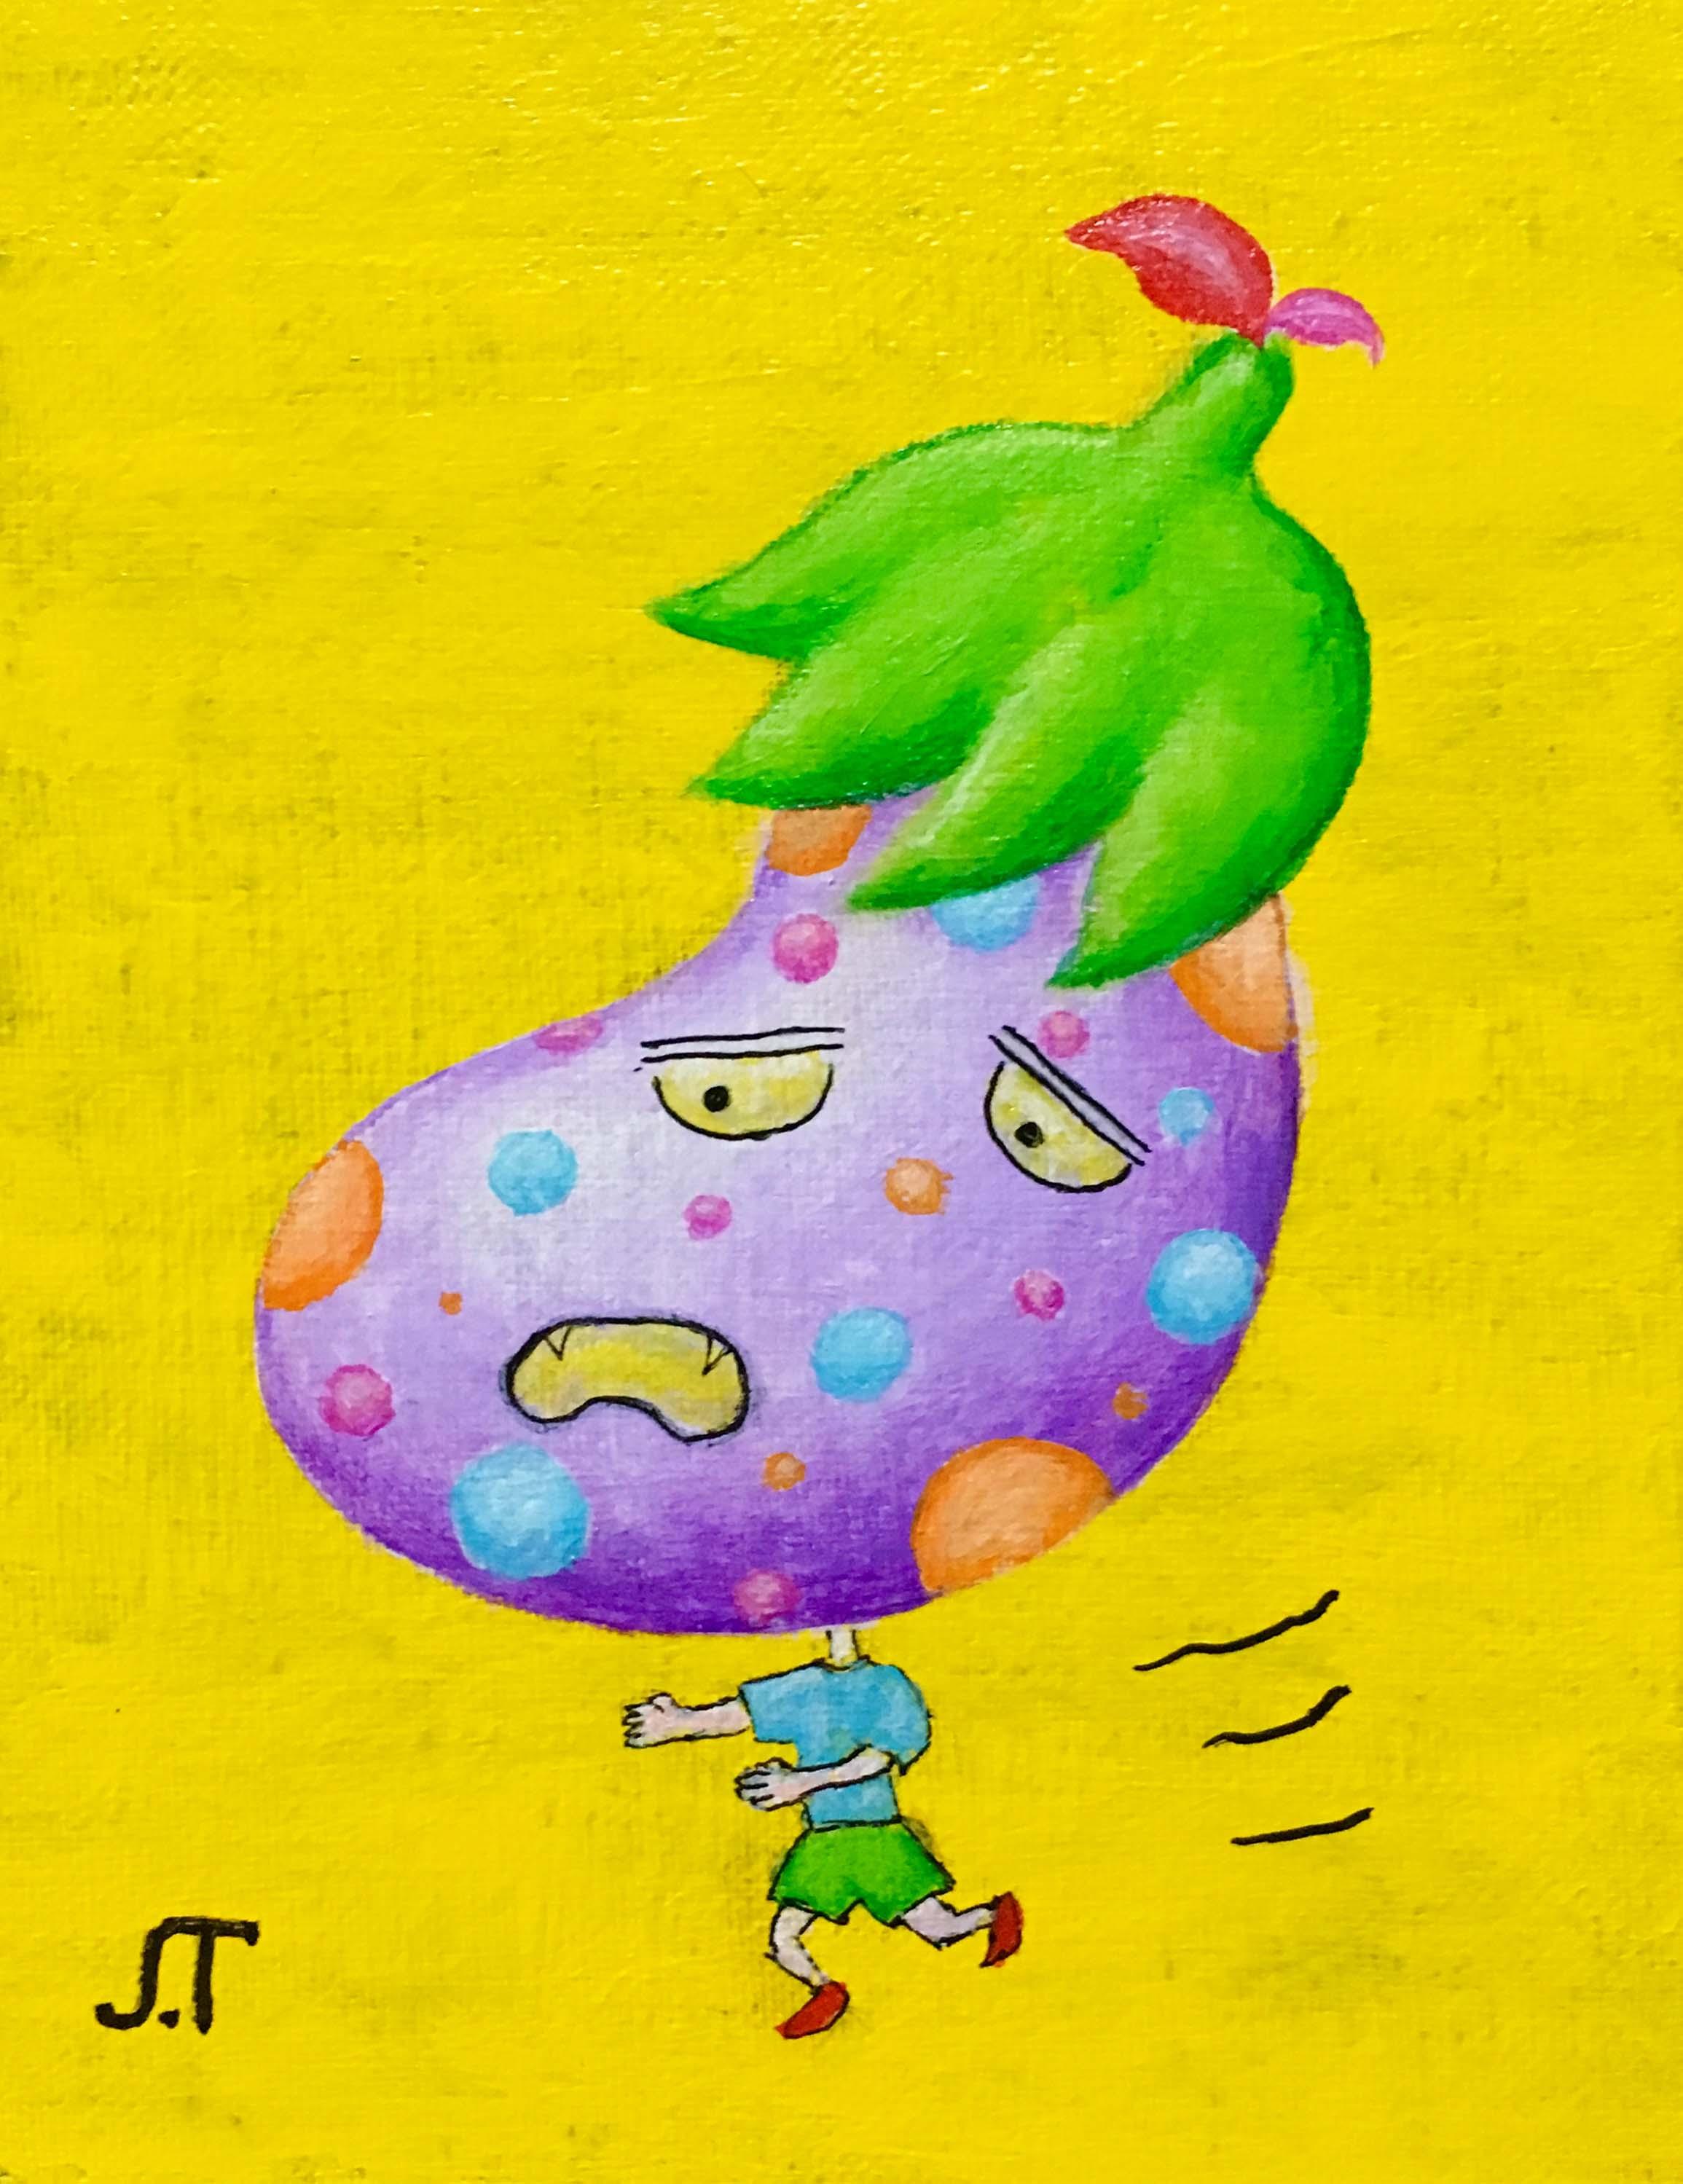 なすボーイ(Eggplant Boy)